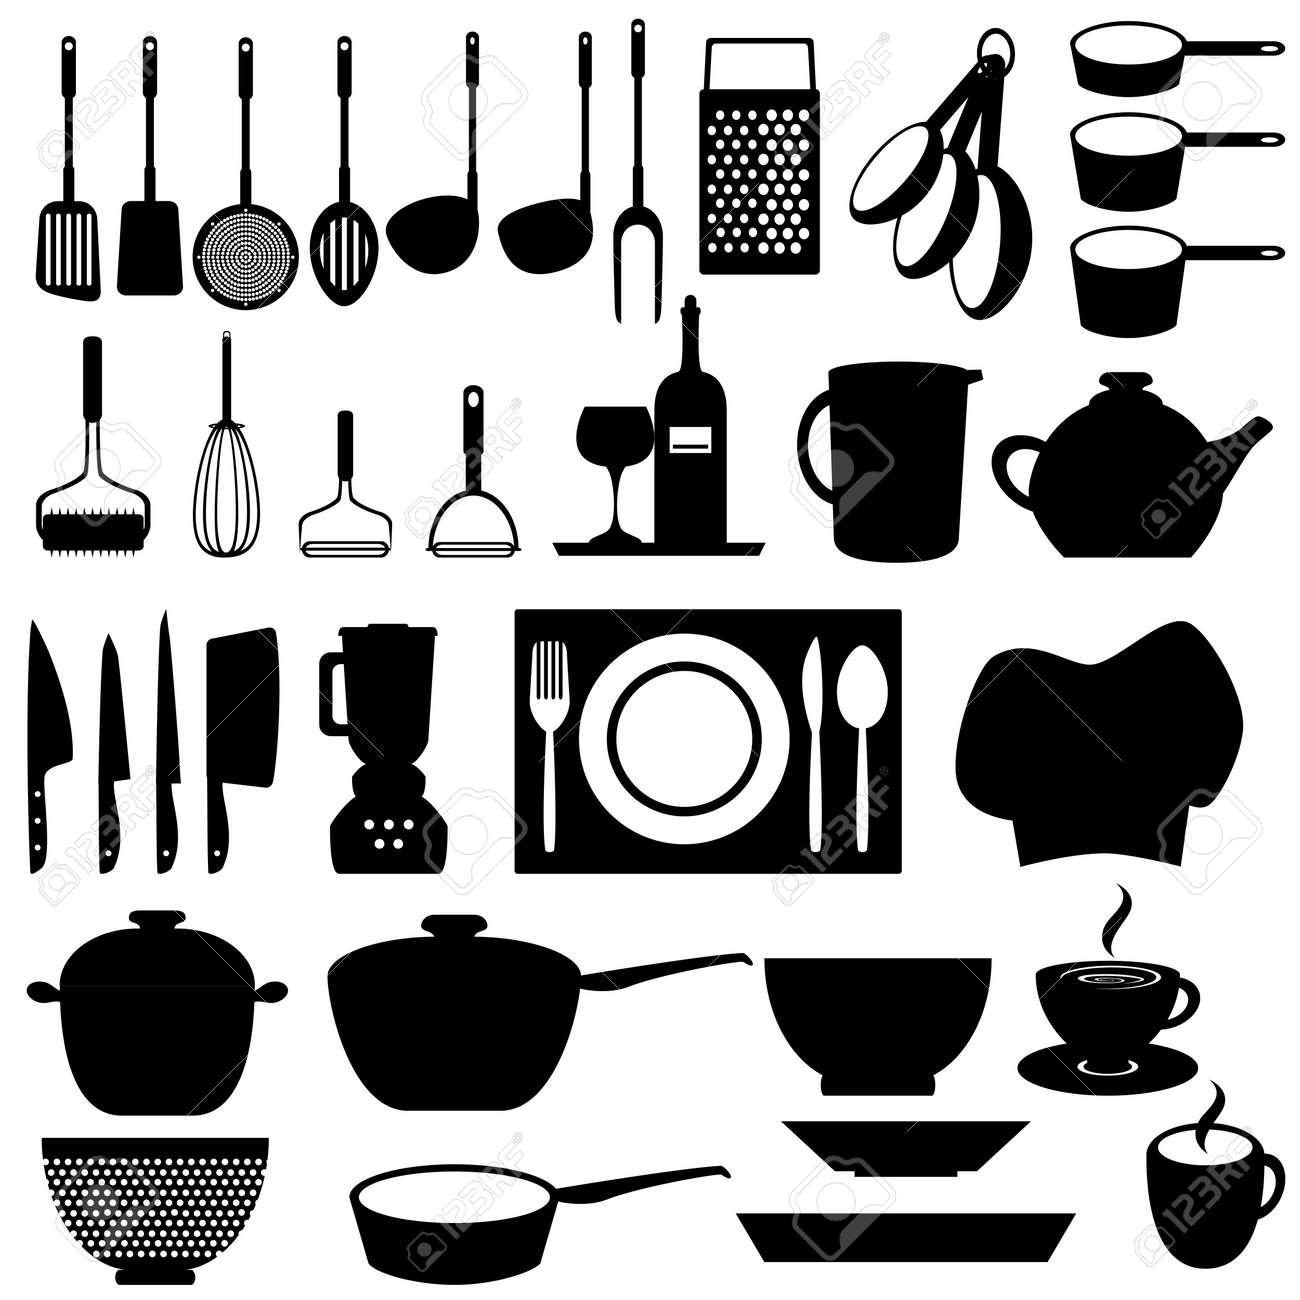 archivio fotografico cucina e utensili da cucina di strumenti